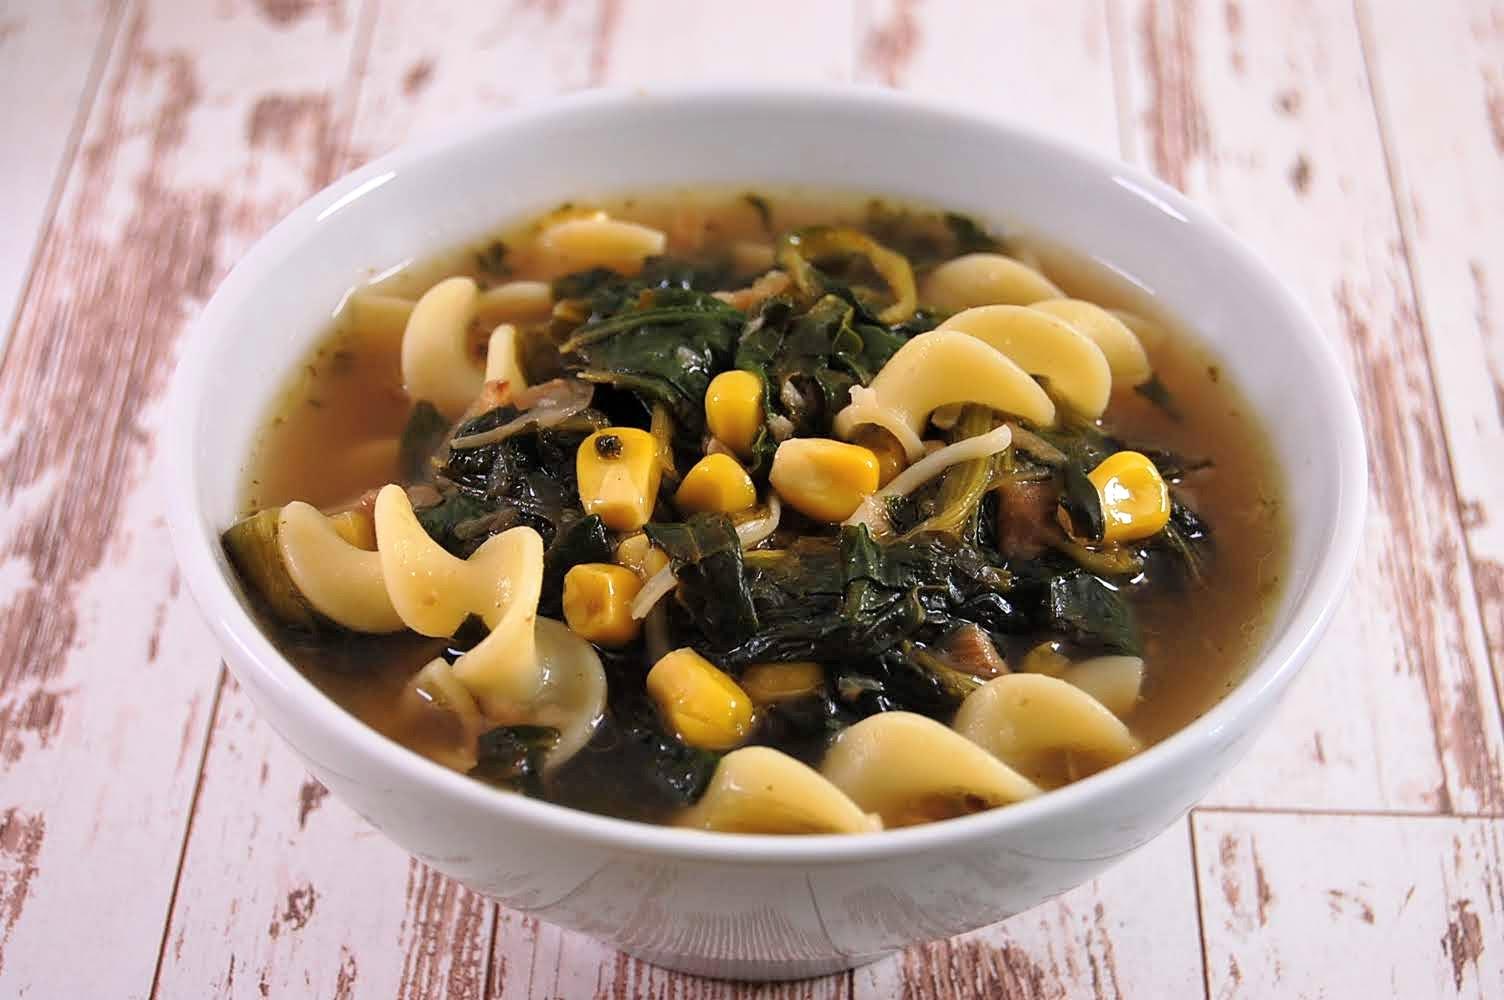 Sayur Asam - Frisch-Säuerliche Gemüsesuppe